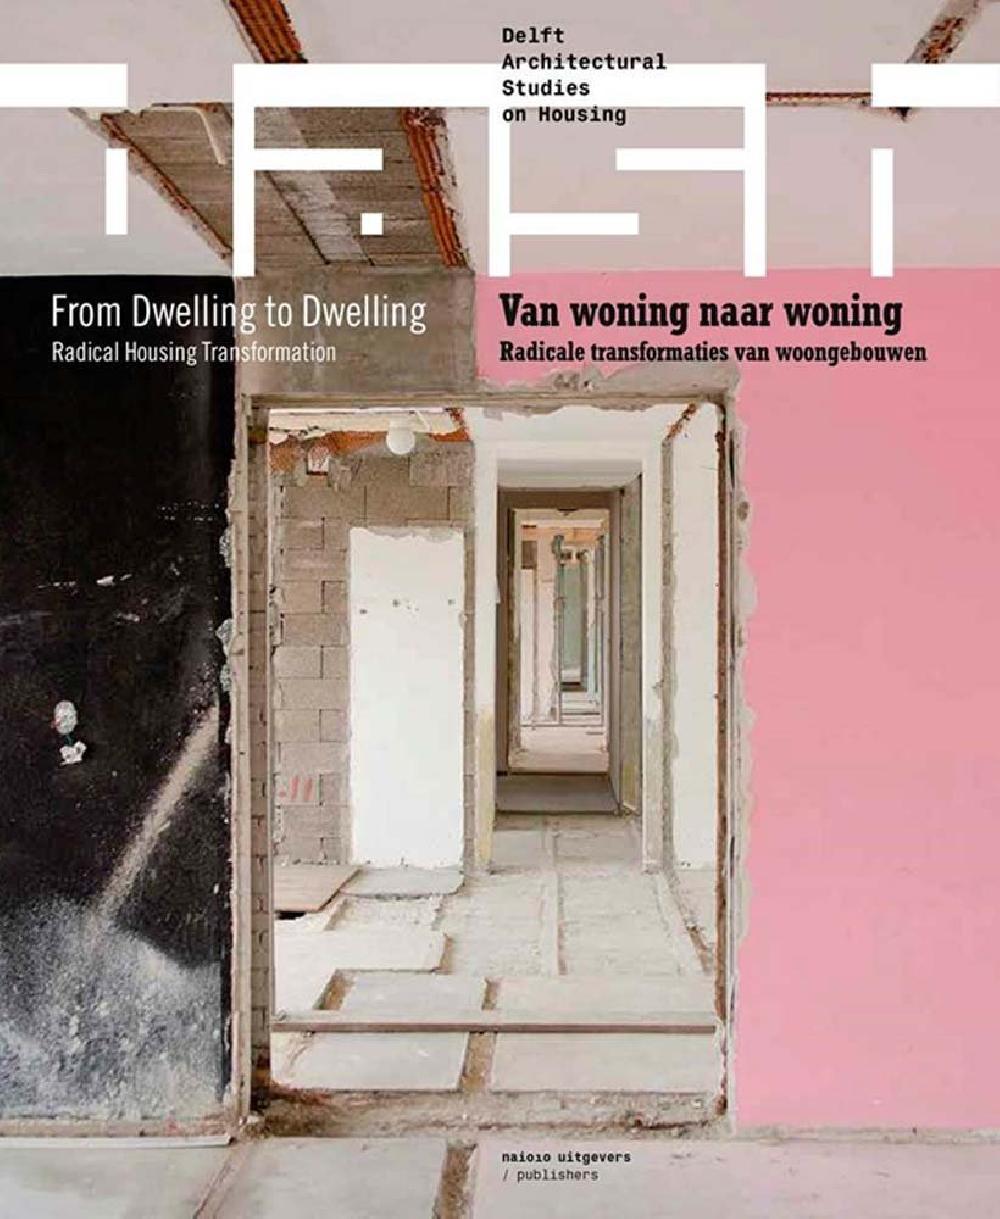 Dash From Dwelling To Dwelling - Radical Housing Transformation